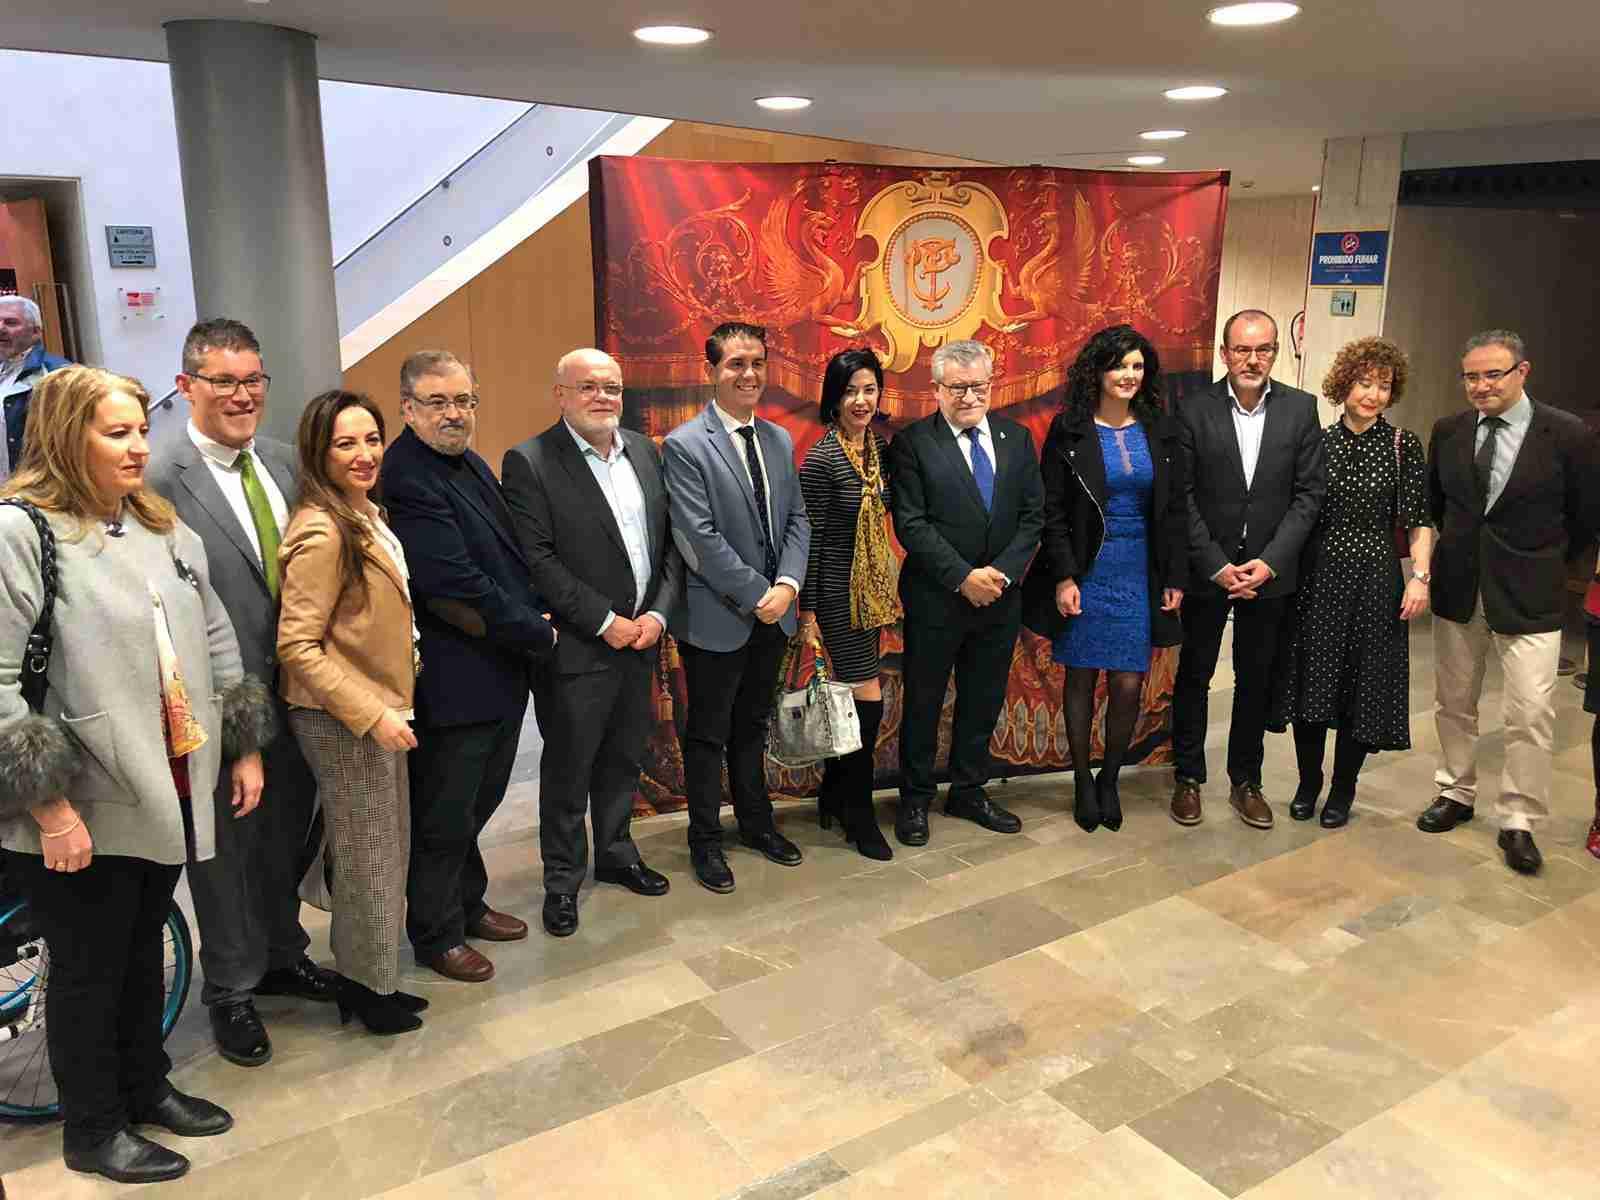 El Gobierno regional destaca el trabajo entre instituciones y agradece a Albacete que acoja una nueva edición de la Feria de Artes Escénicas y Musicales 1